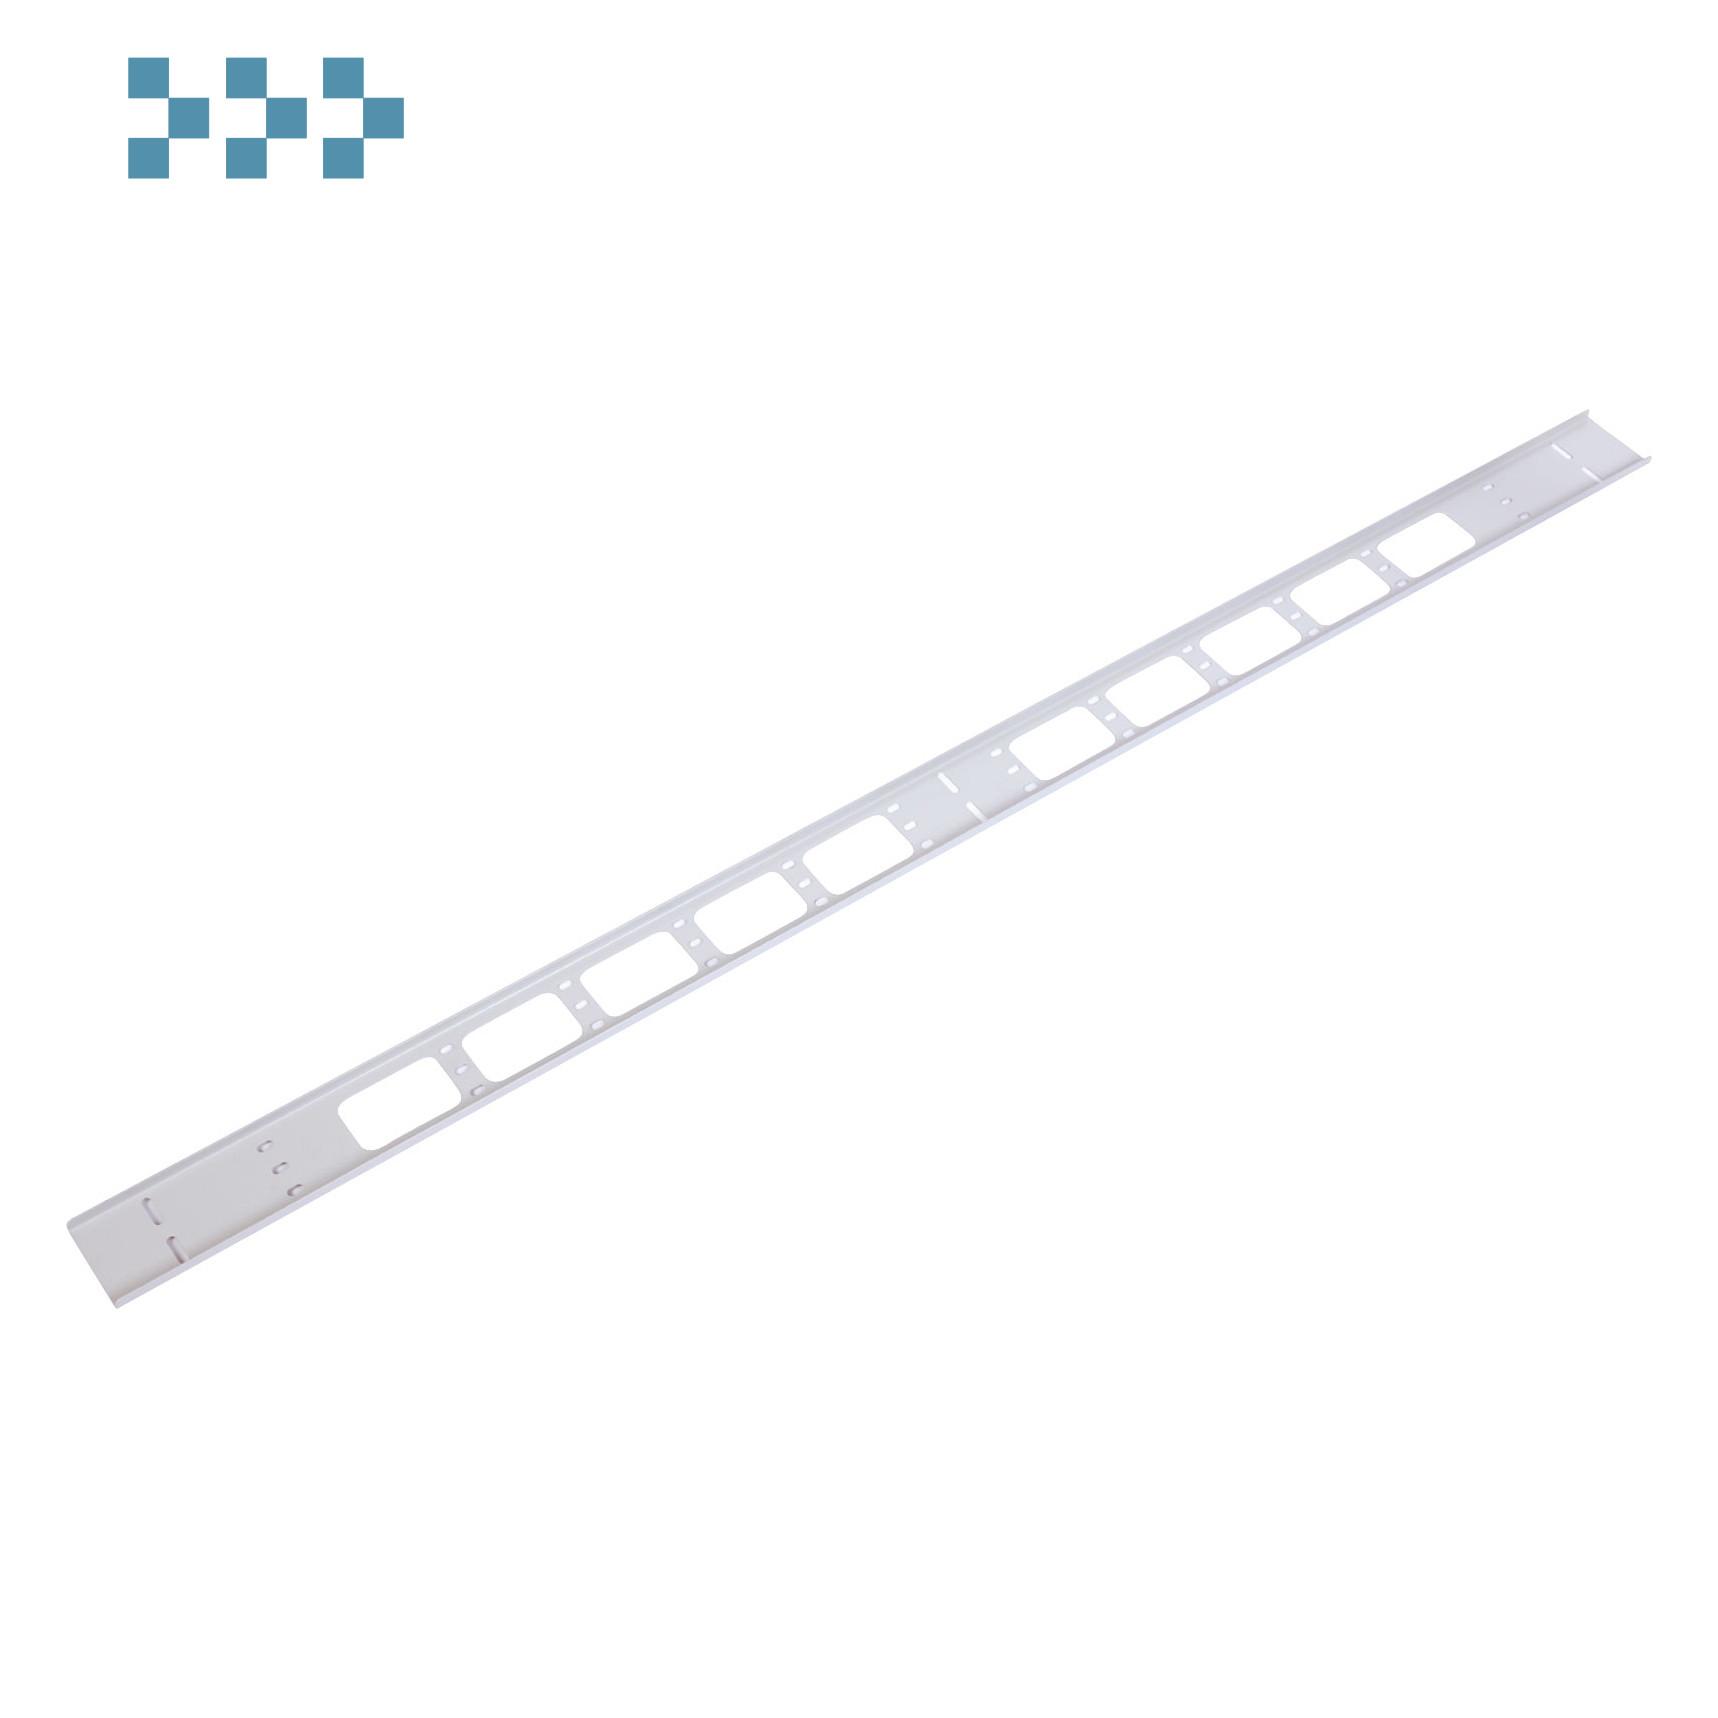 Органайзер кабельный ЦМО ВКО-М-33.75